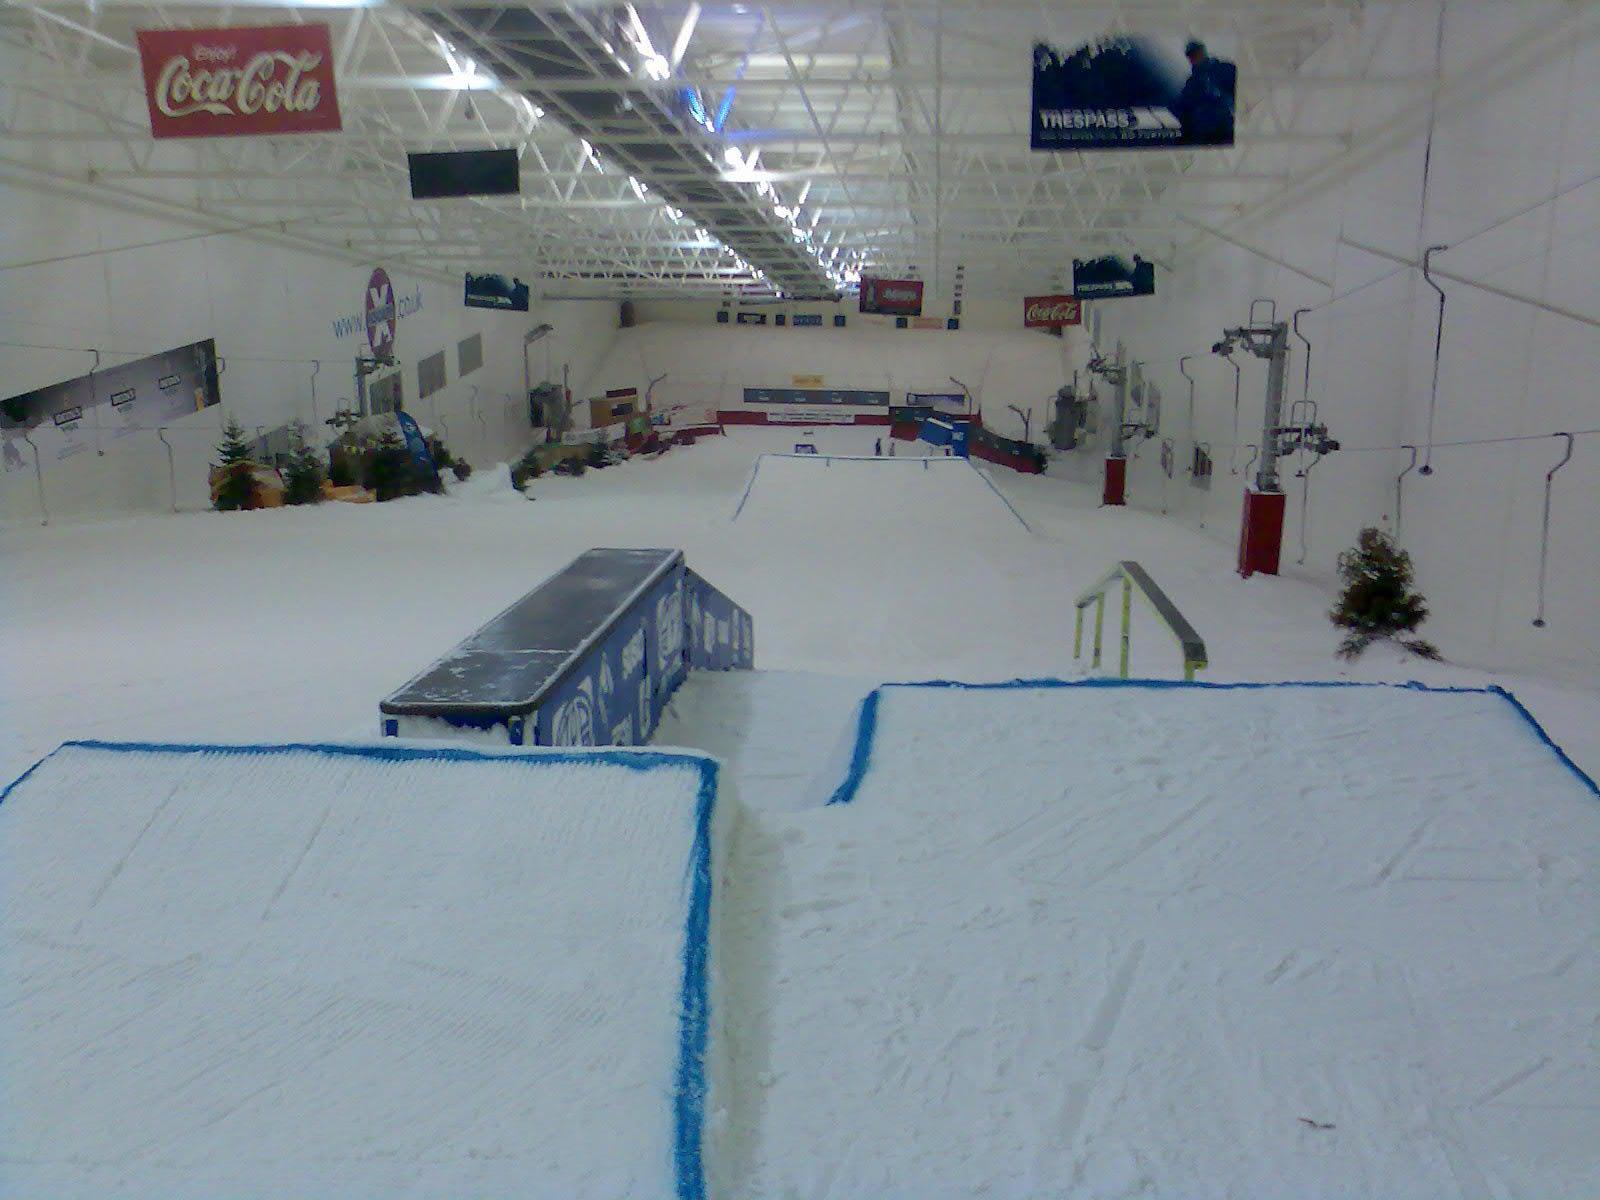 British Snow Tour - Slopestyle